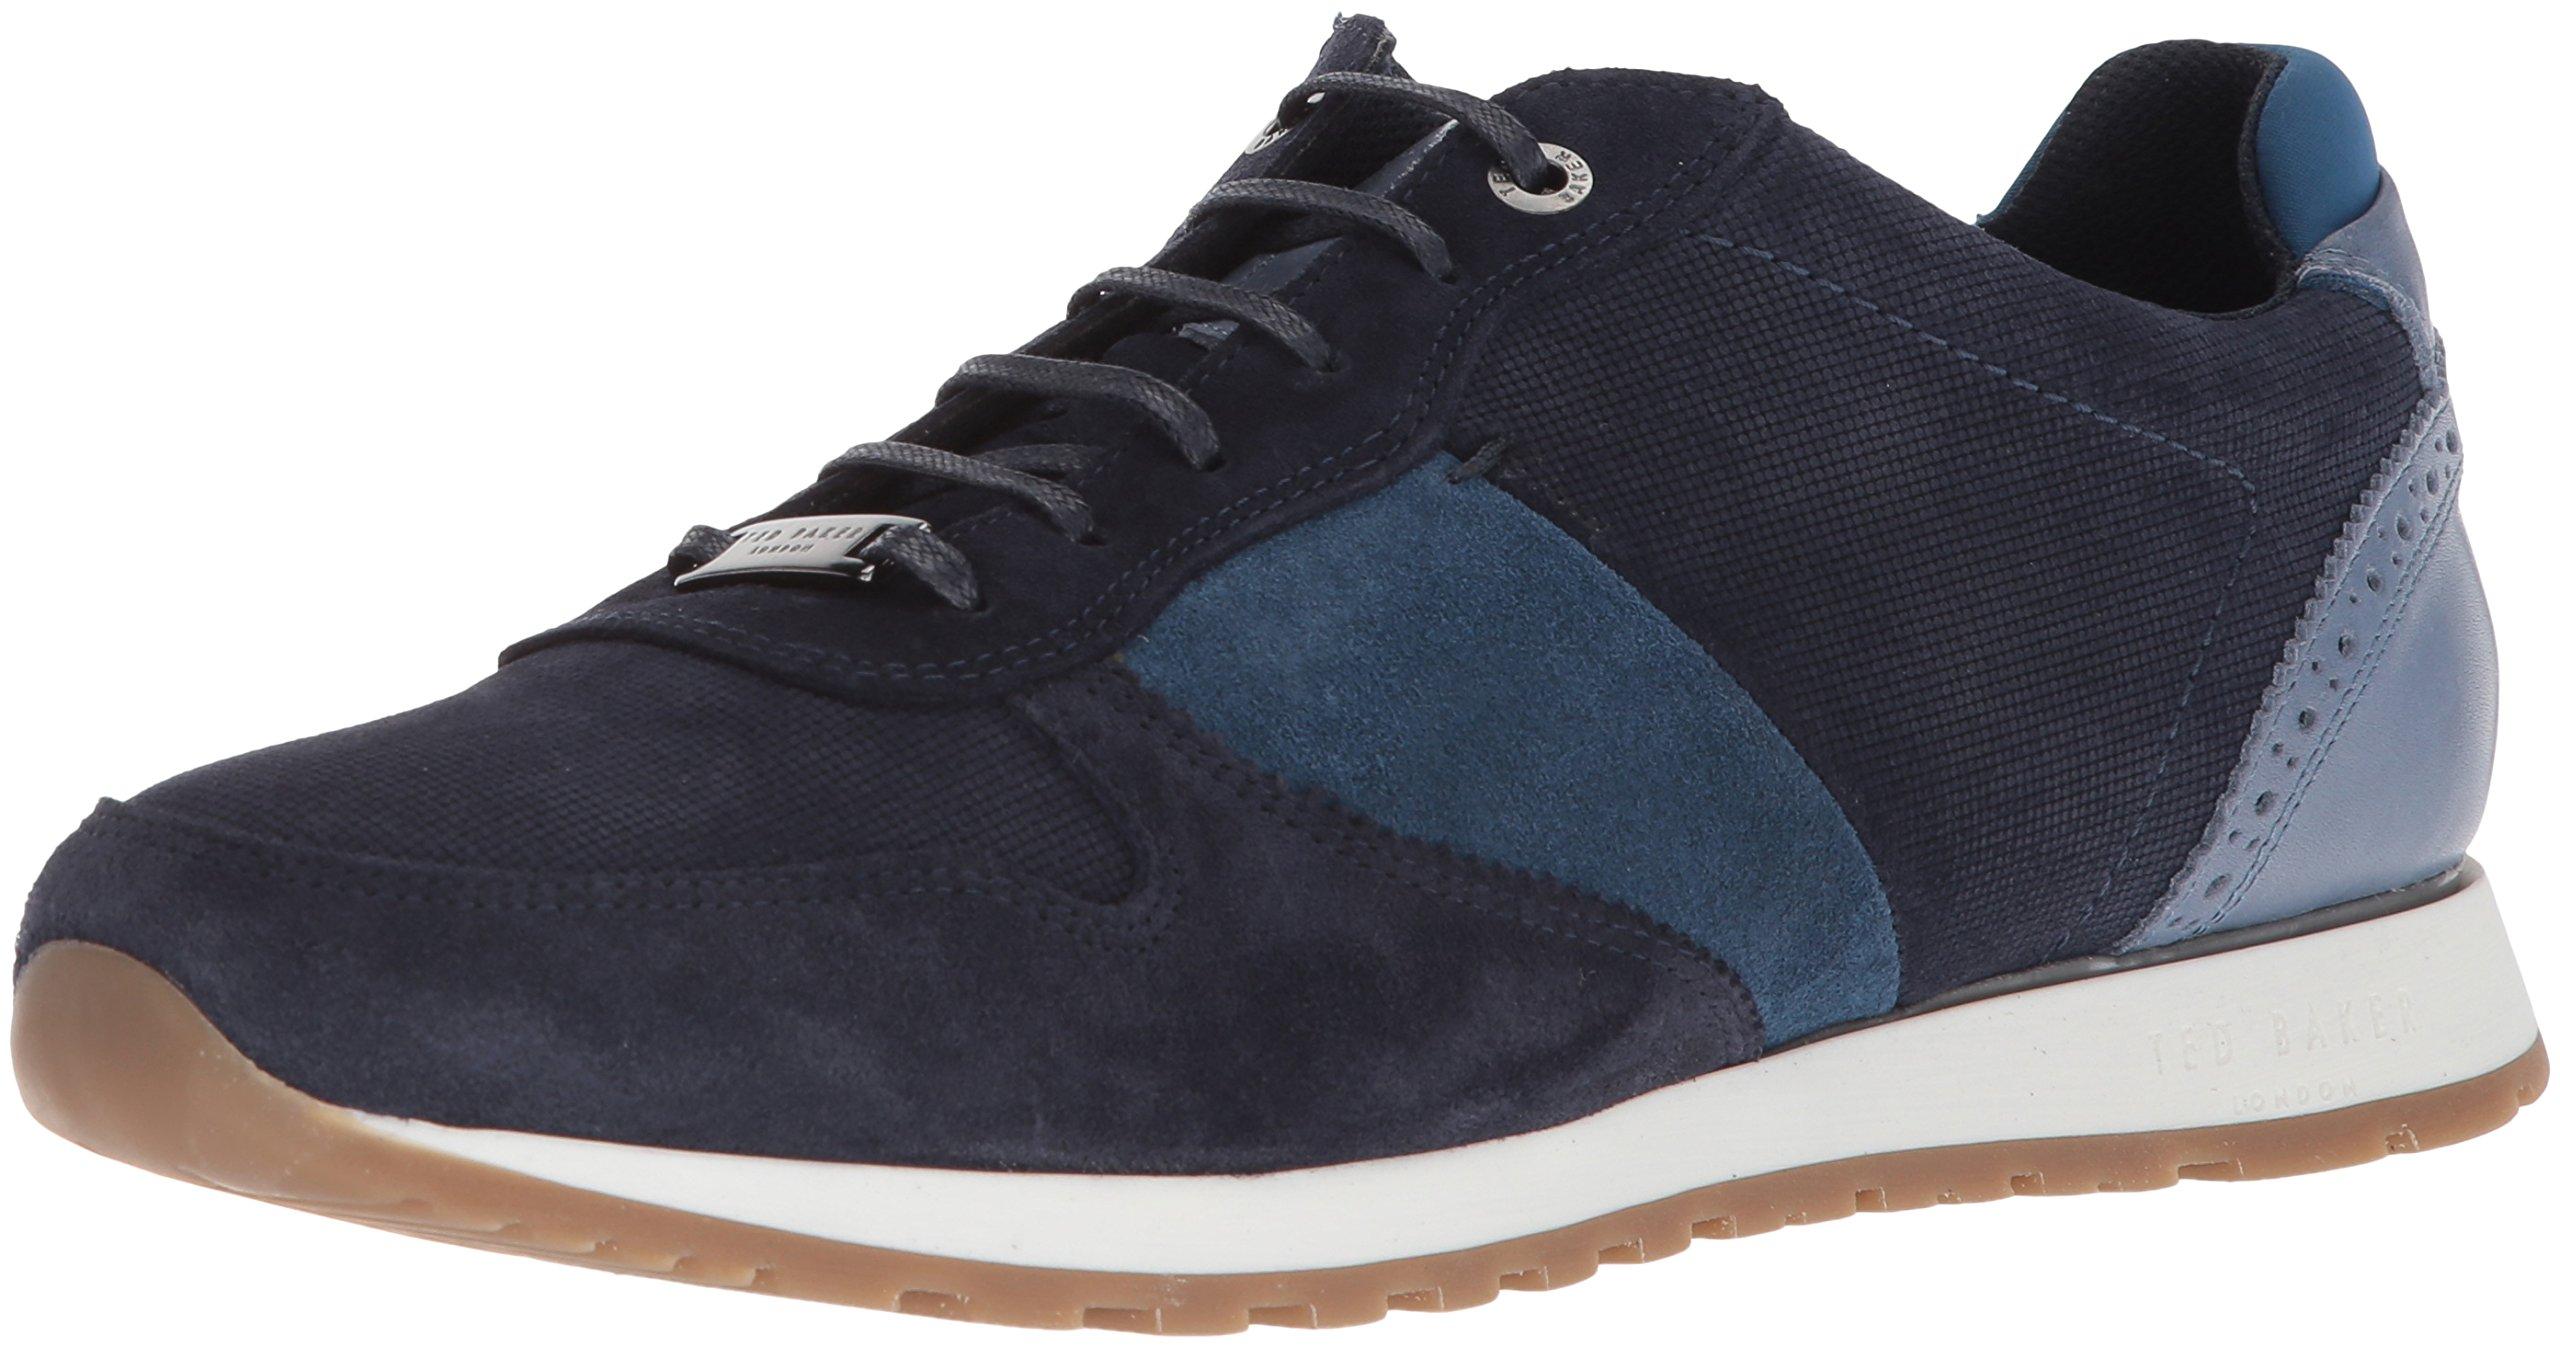 Ted Baker Men's Shindl Sneaker, Blue/Multi Suede, 7 D(M) US